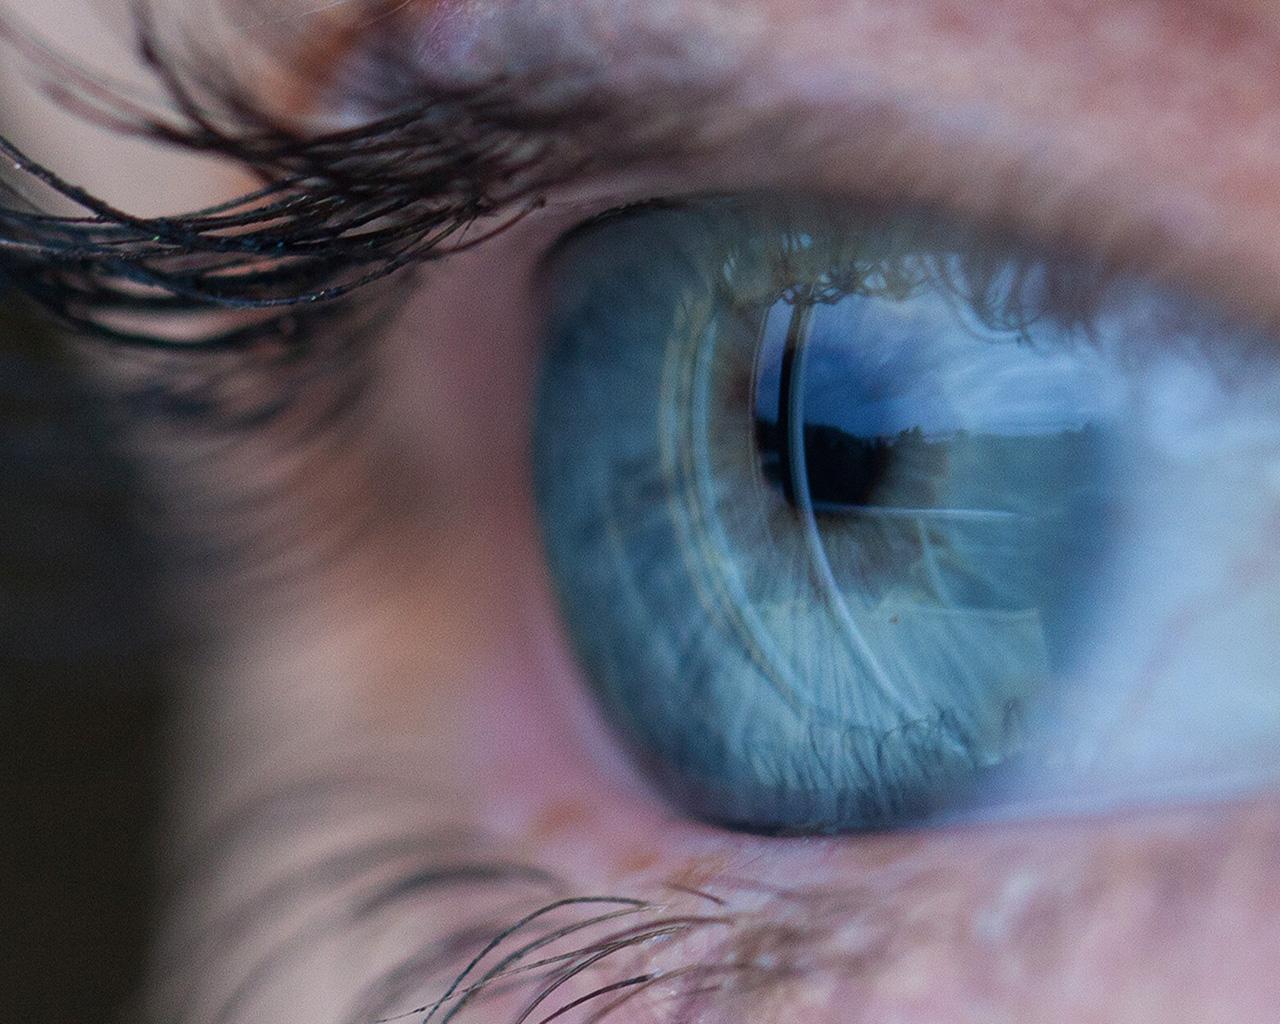 eye diseases essay